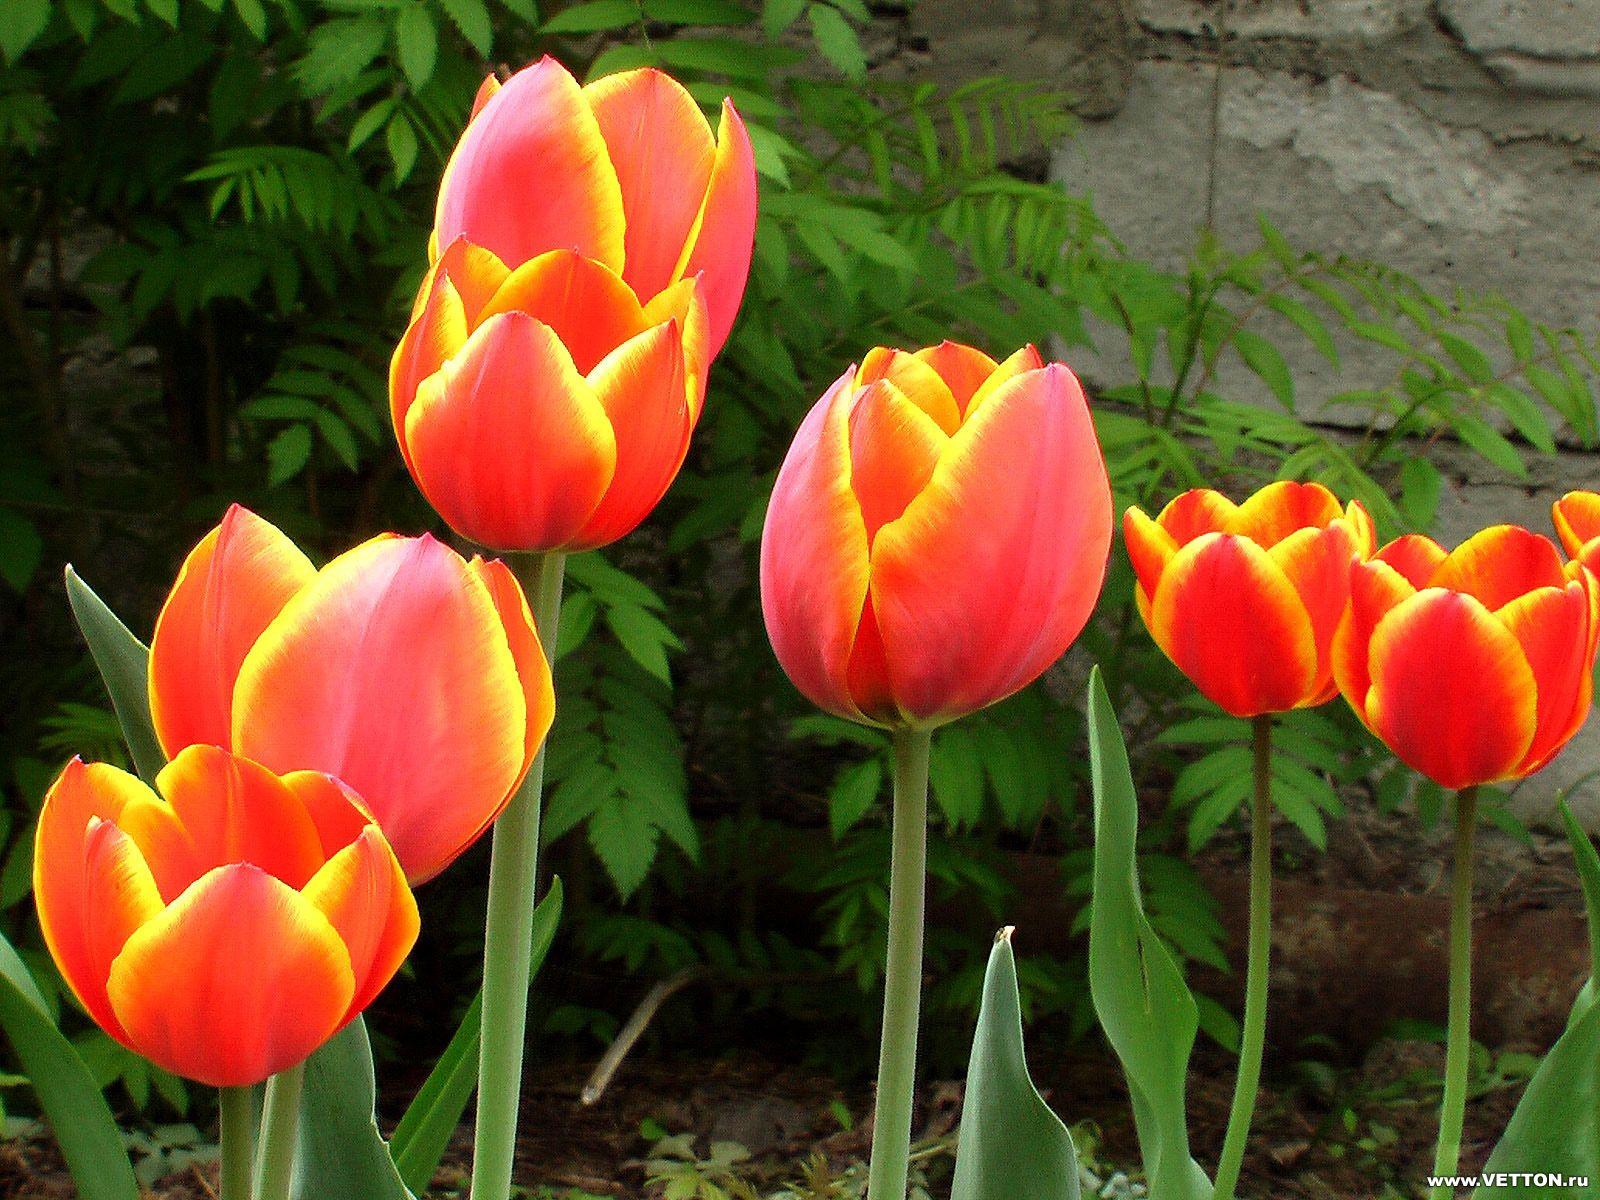 Обои для рабочего стола Цветы № 355